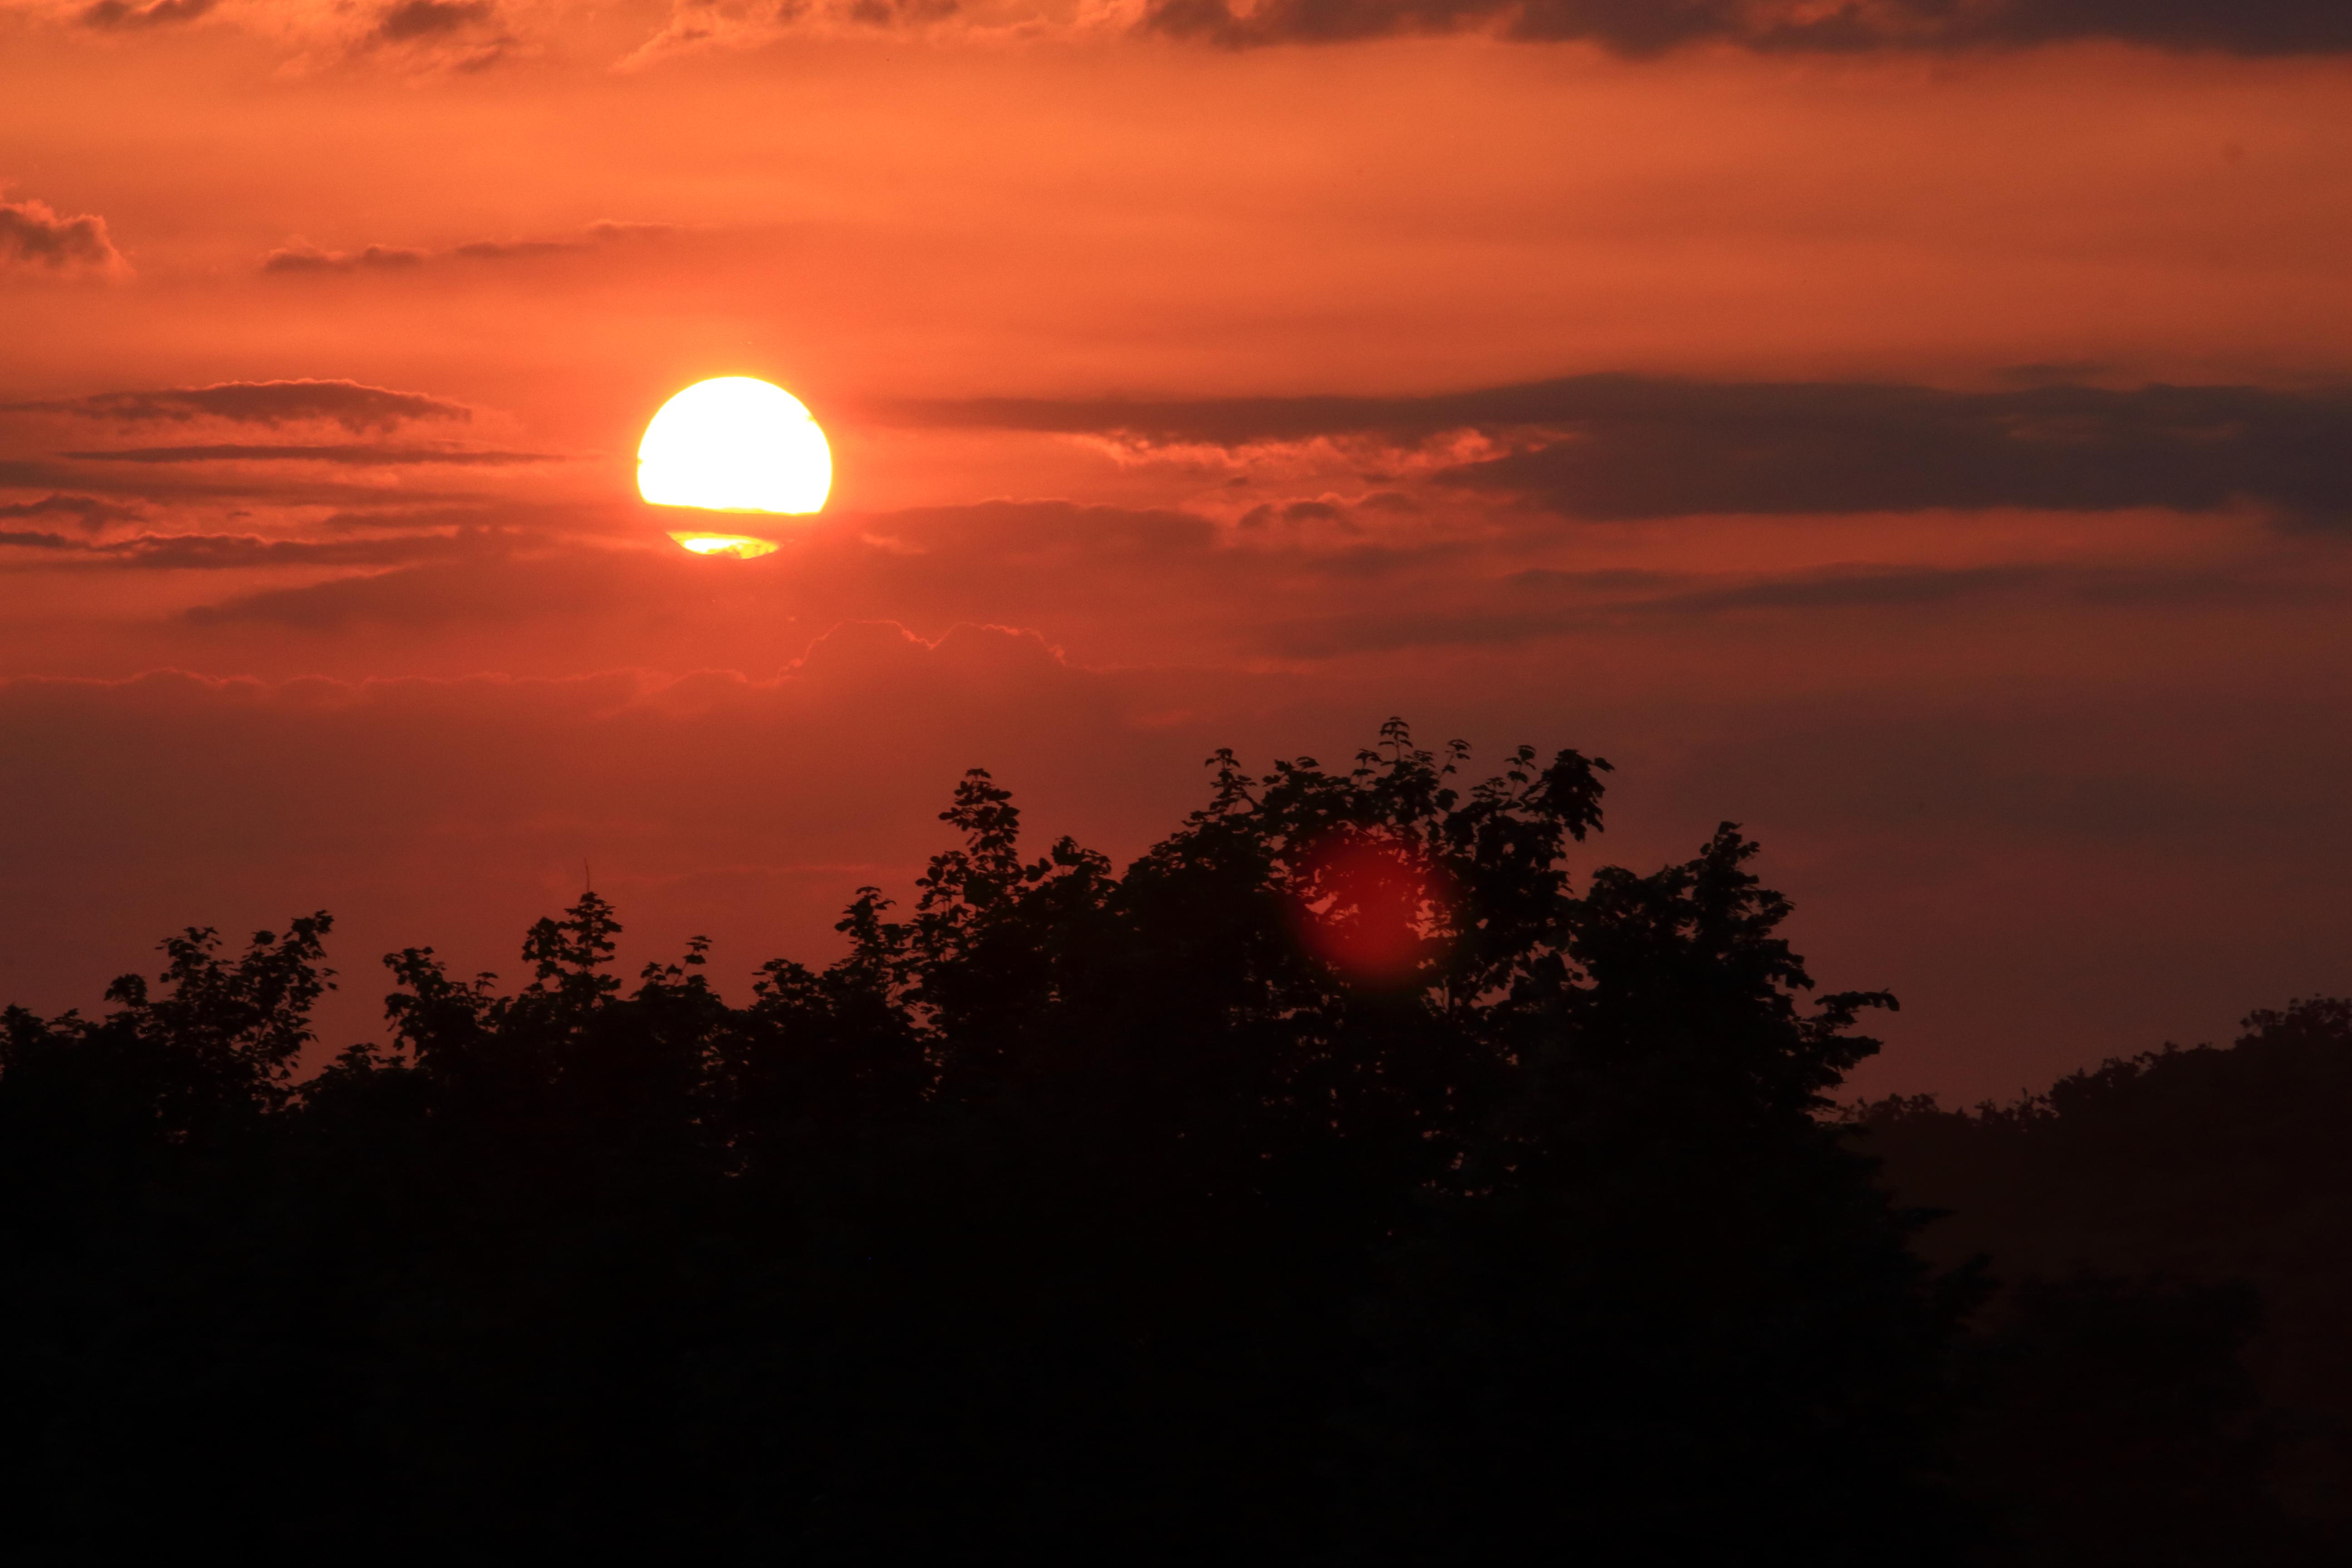 Manege frei für das Red Sun Festival